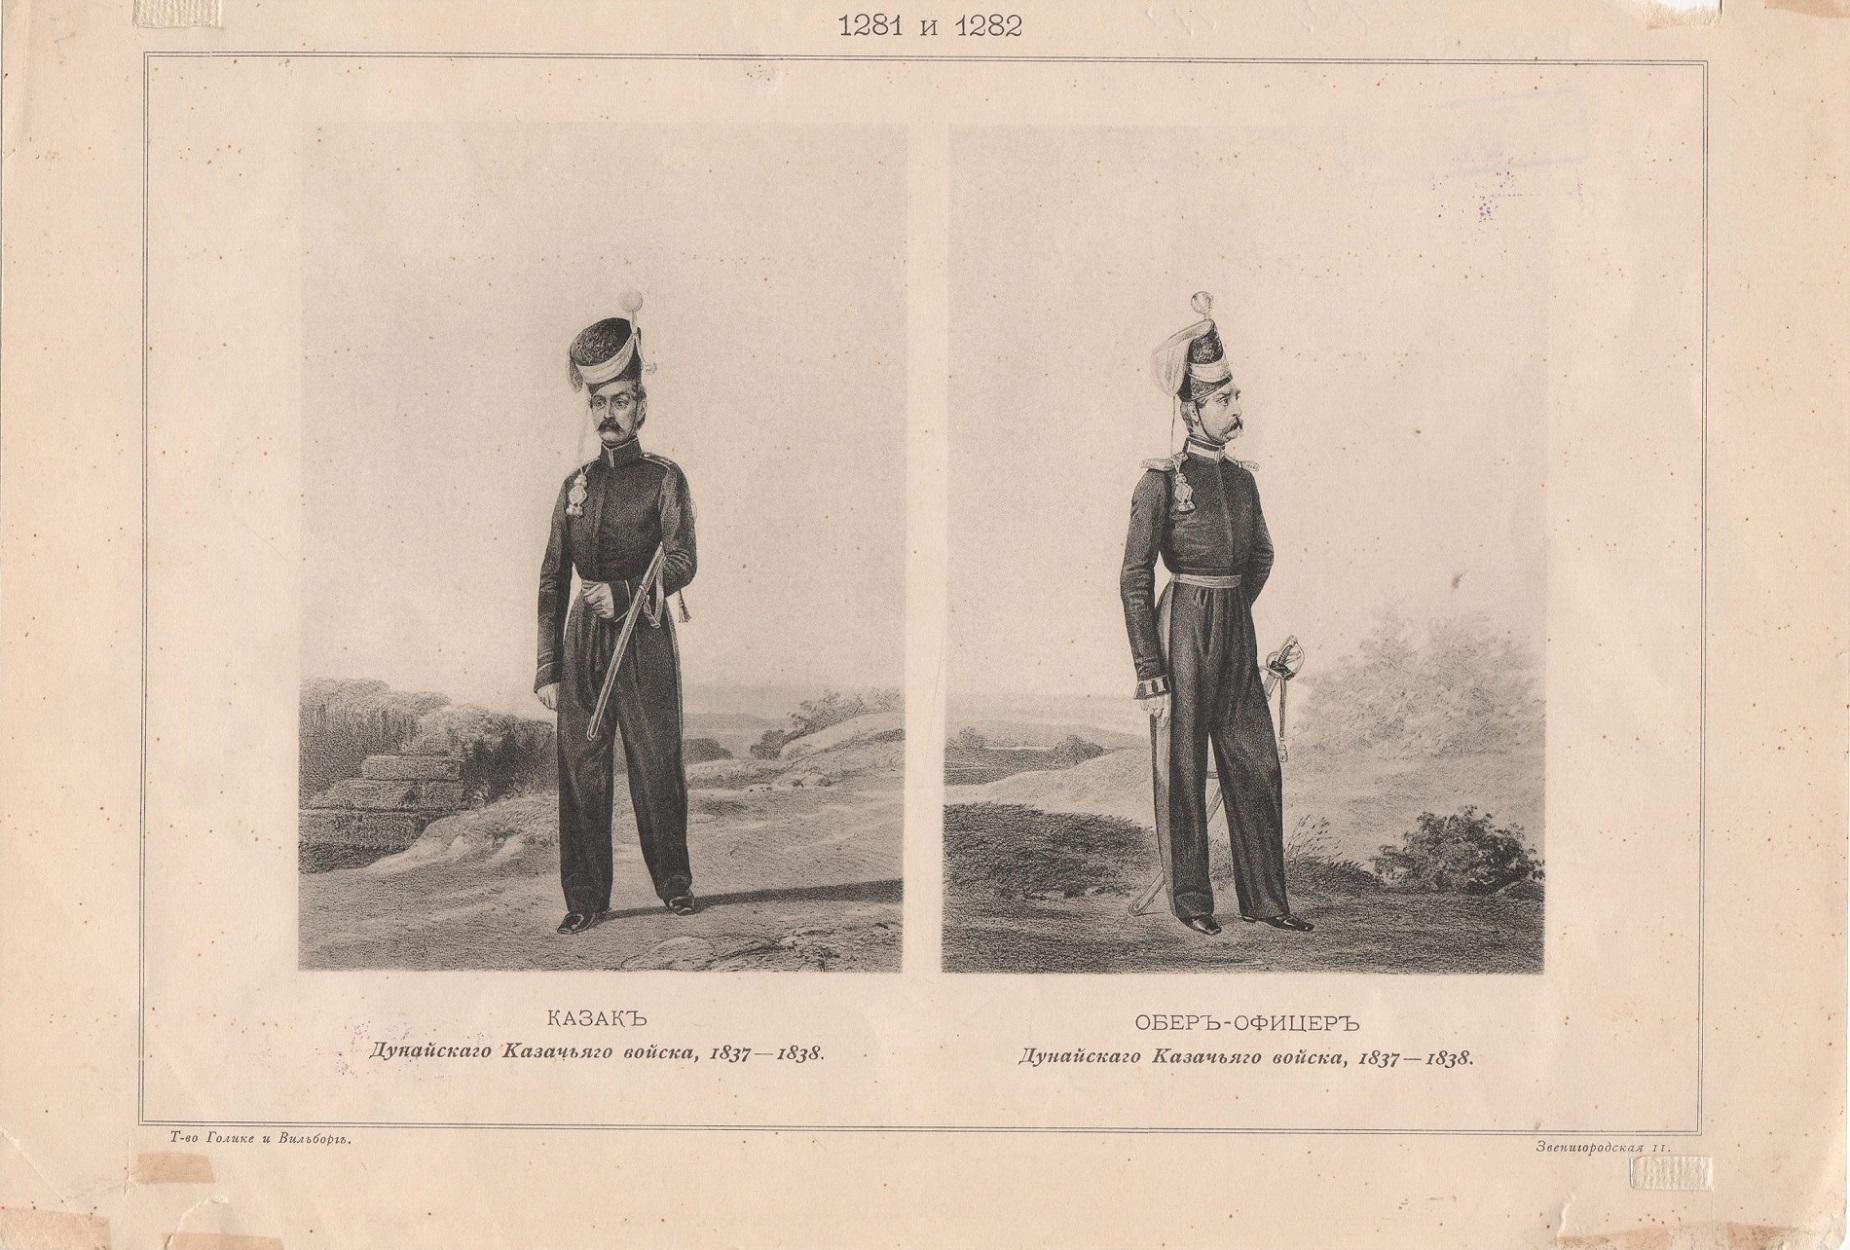 """Репродукція. """"Козак Дунайського Козачого війська, 1837 - 1838 Обер-офіцер Дунайського Козачого війська, 1837 - 1838"""""""